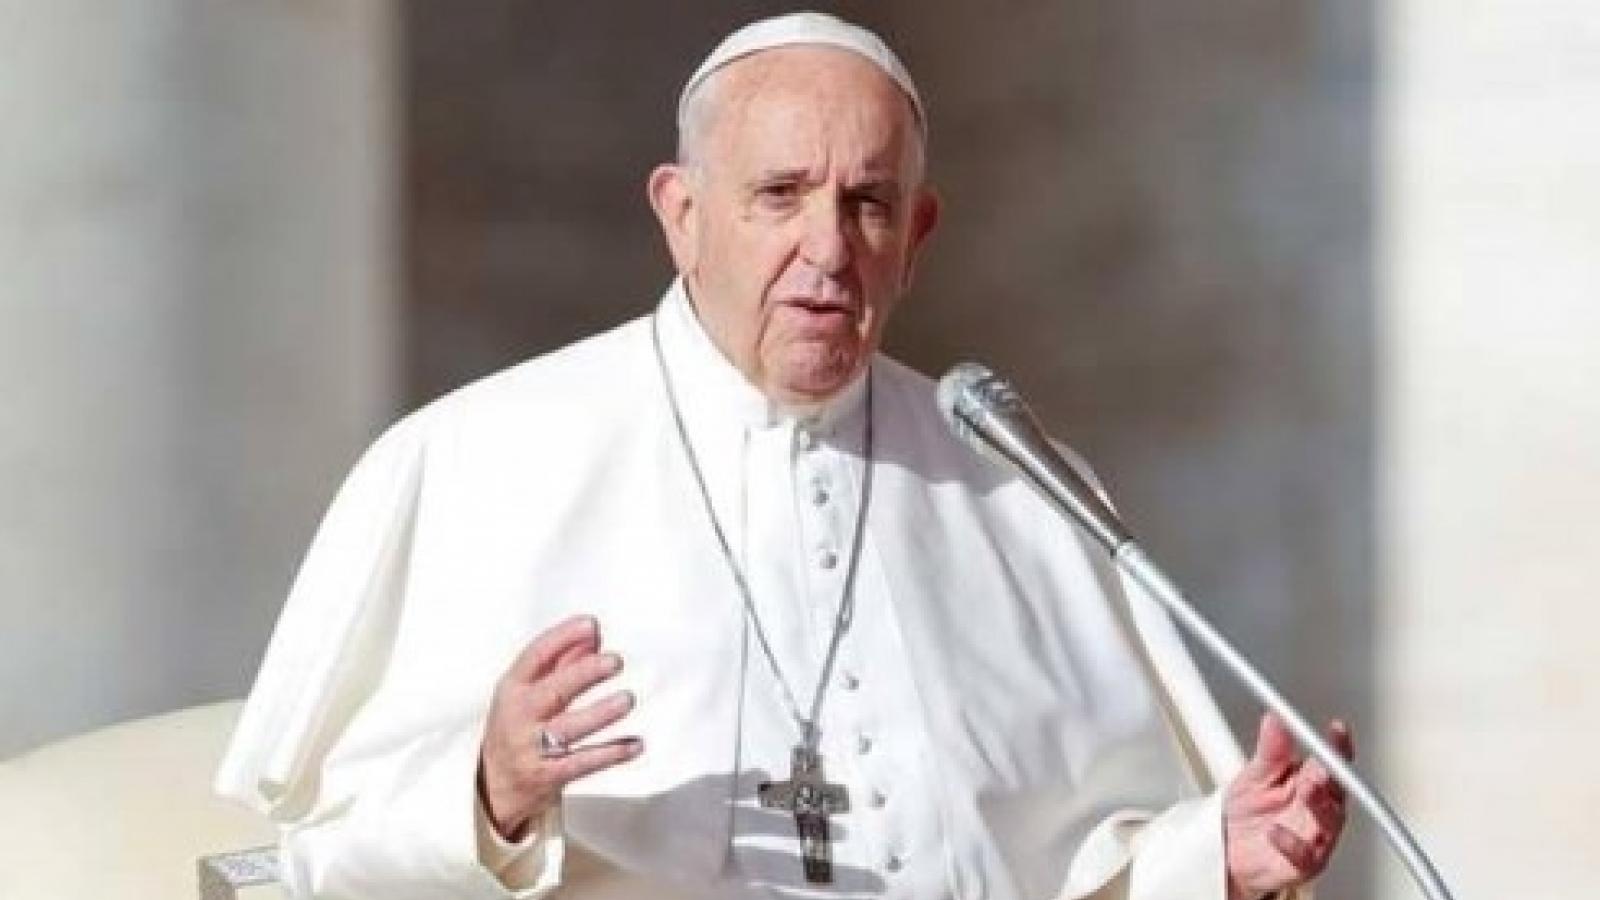 Đức Giáo hoàng lên kế hoạch thăm Iraq bất chấp rủi ro về Covid-19